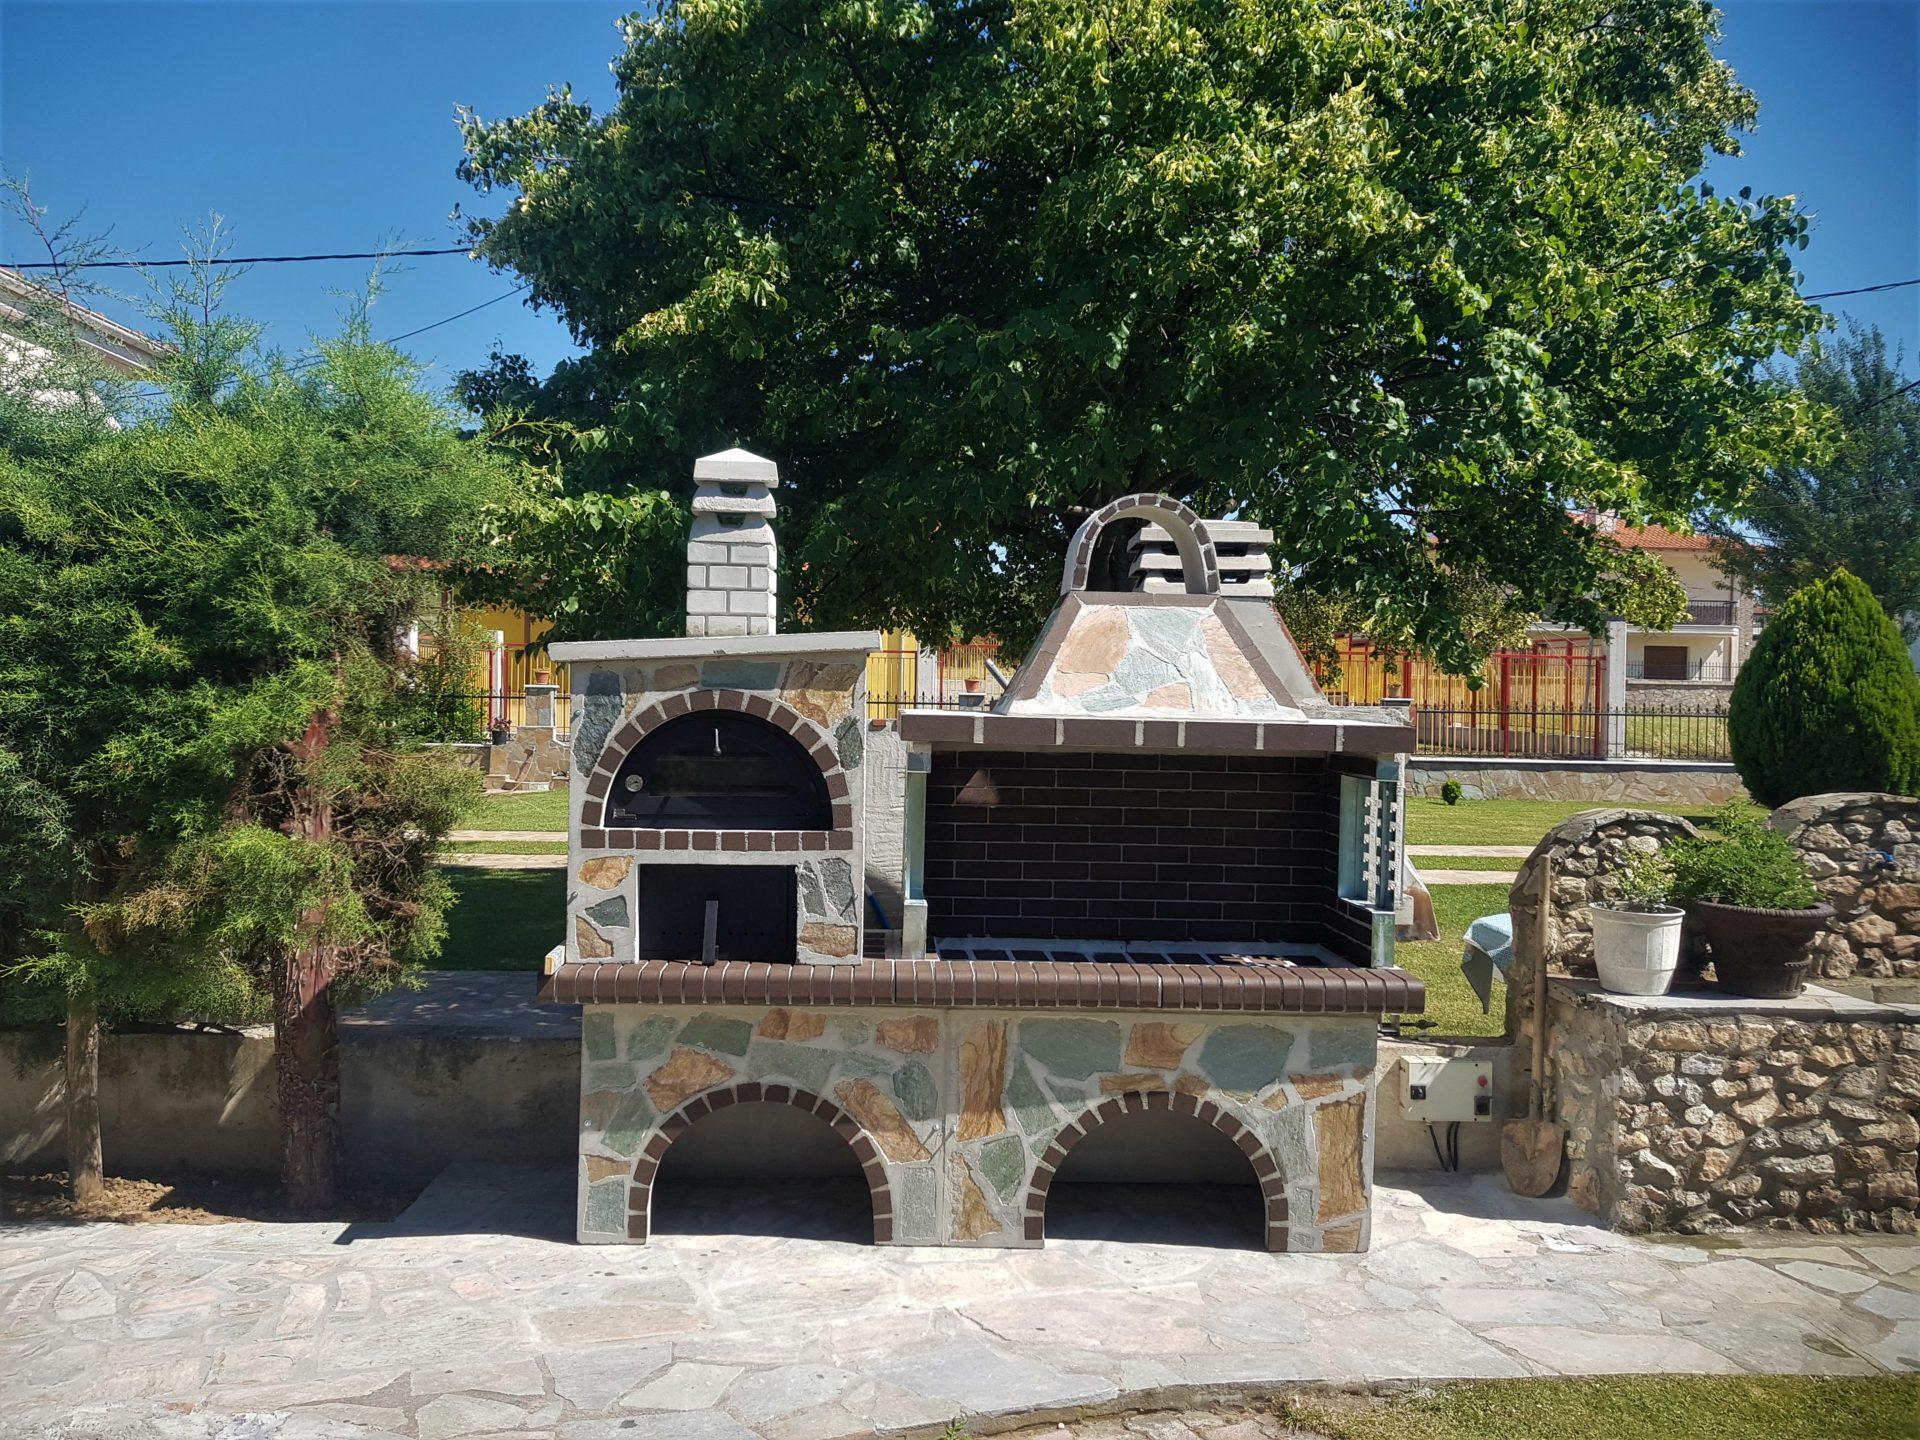 gartengrill grillkamin steingrill barbecue bbqoutdoorkitchen gartenküche